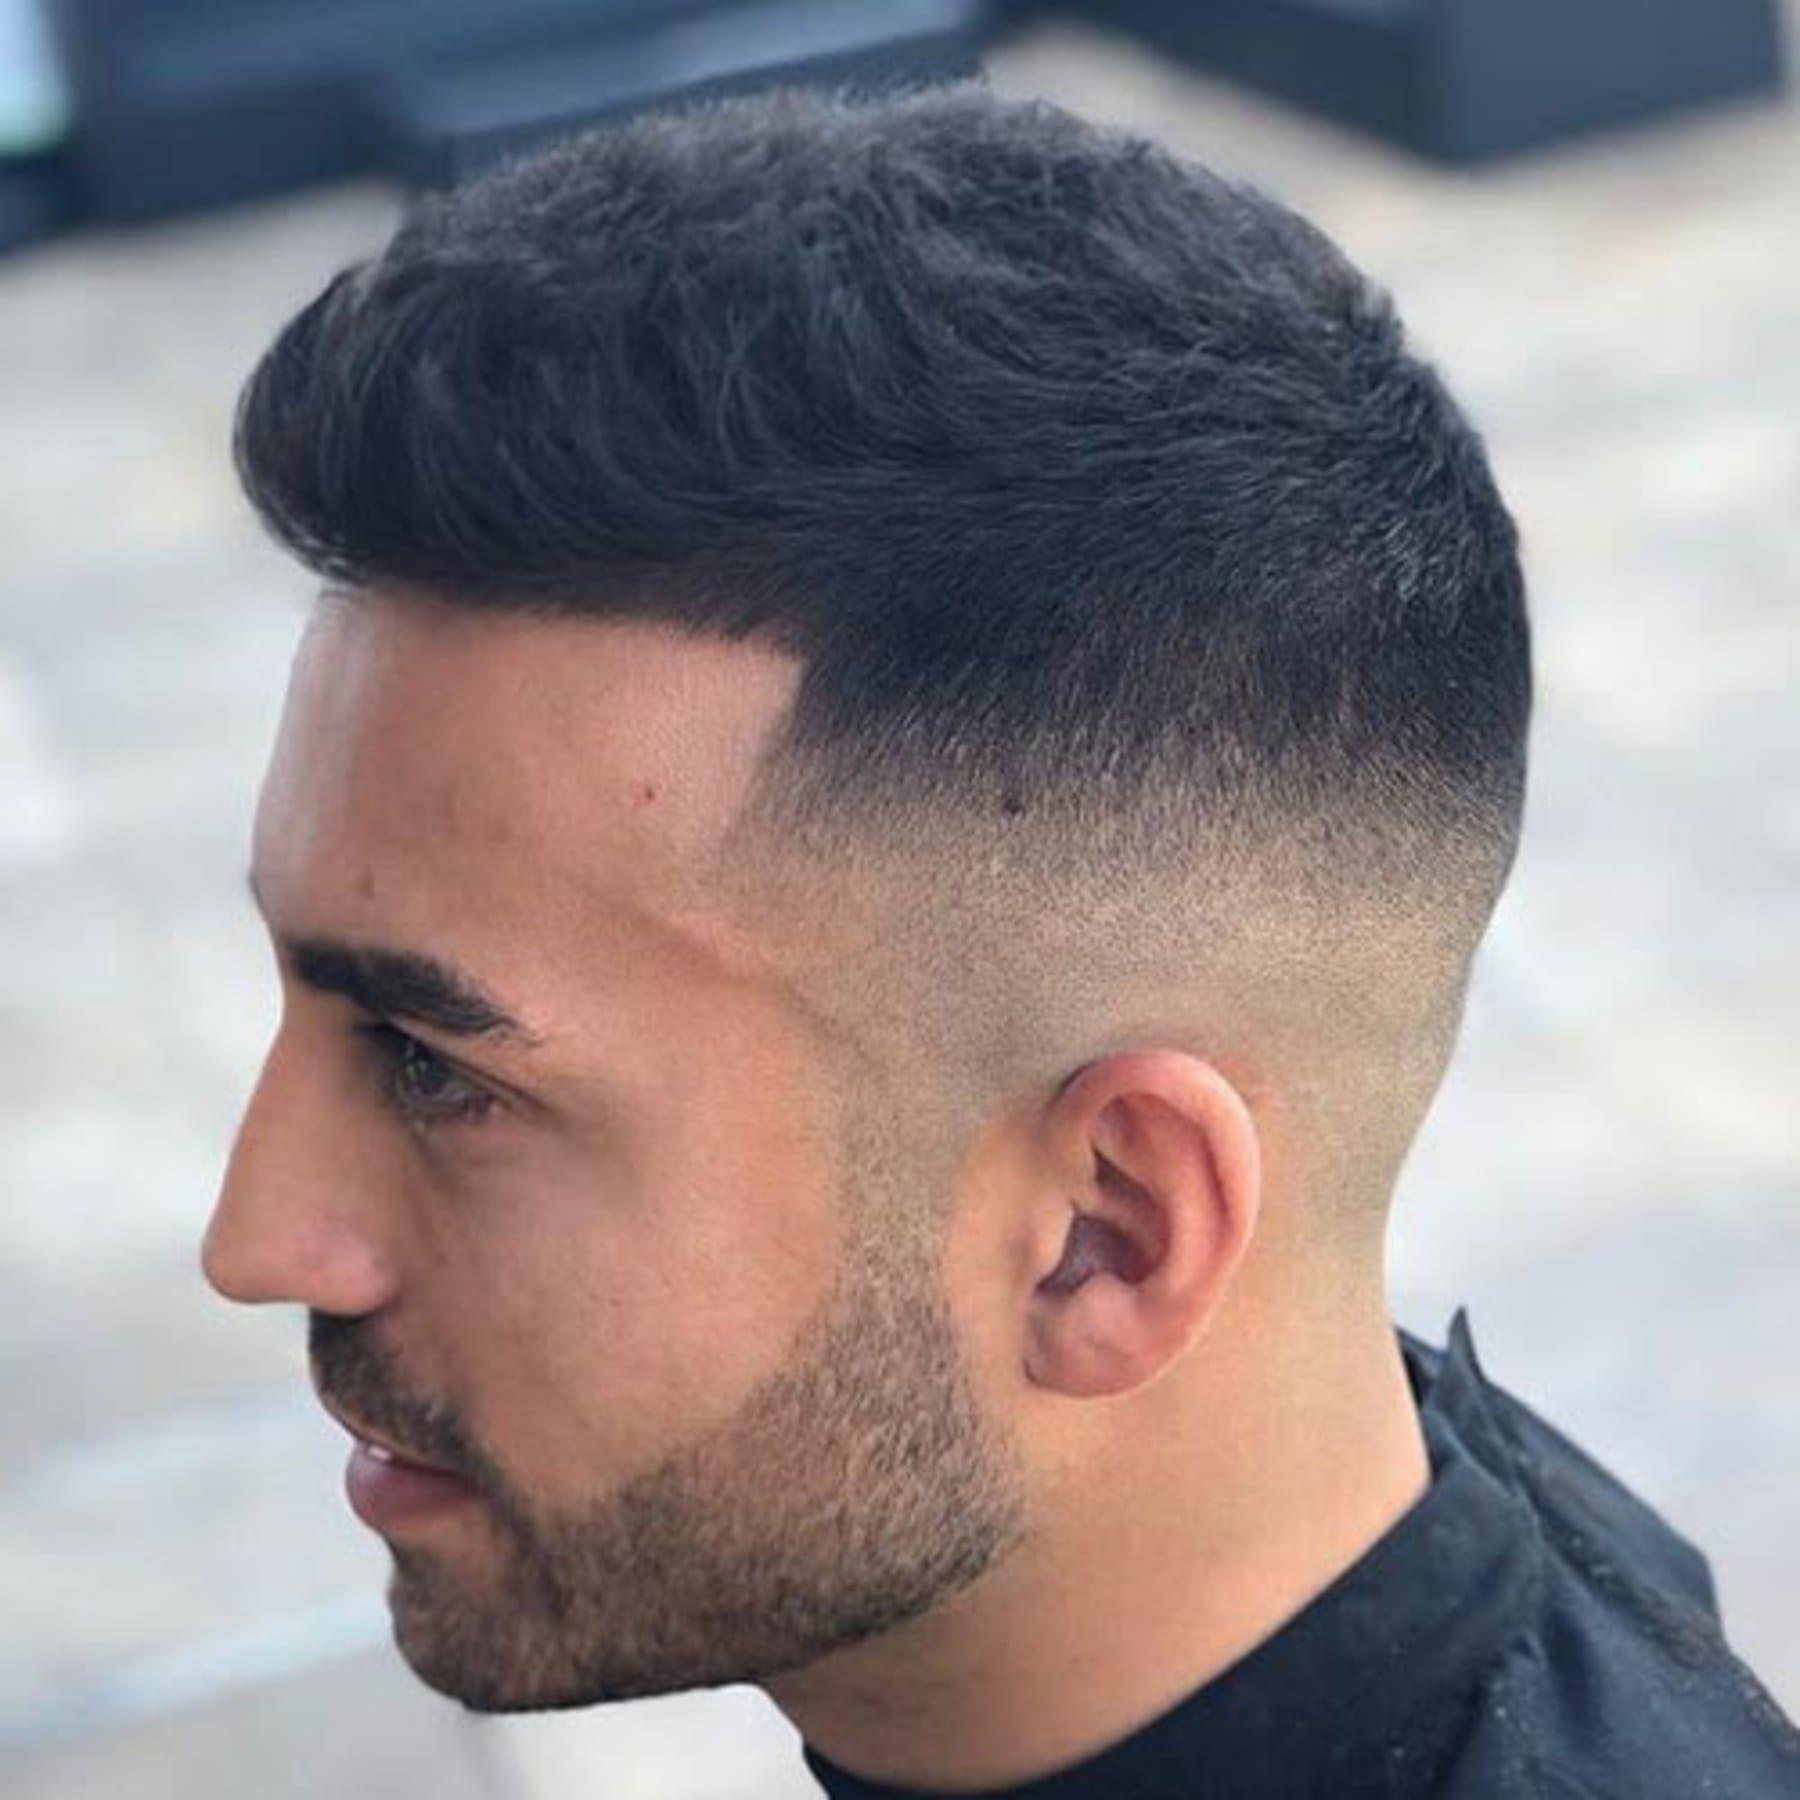 31 Best High Fade Haircut Styles High Fade Haircut Fade Haircut